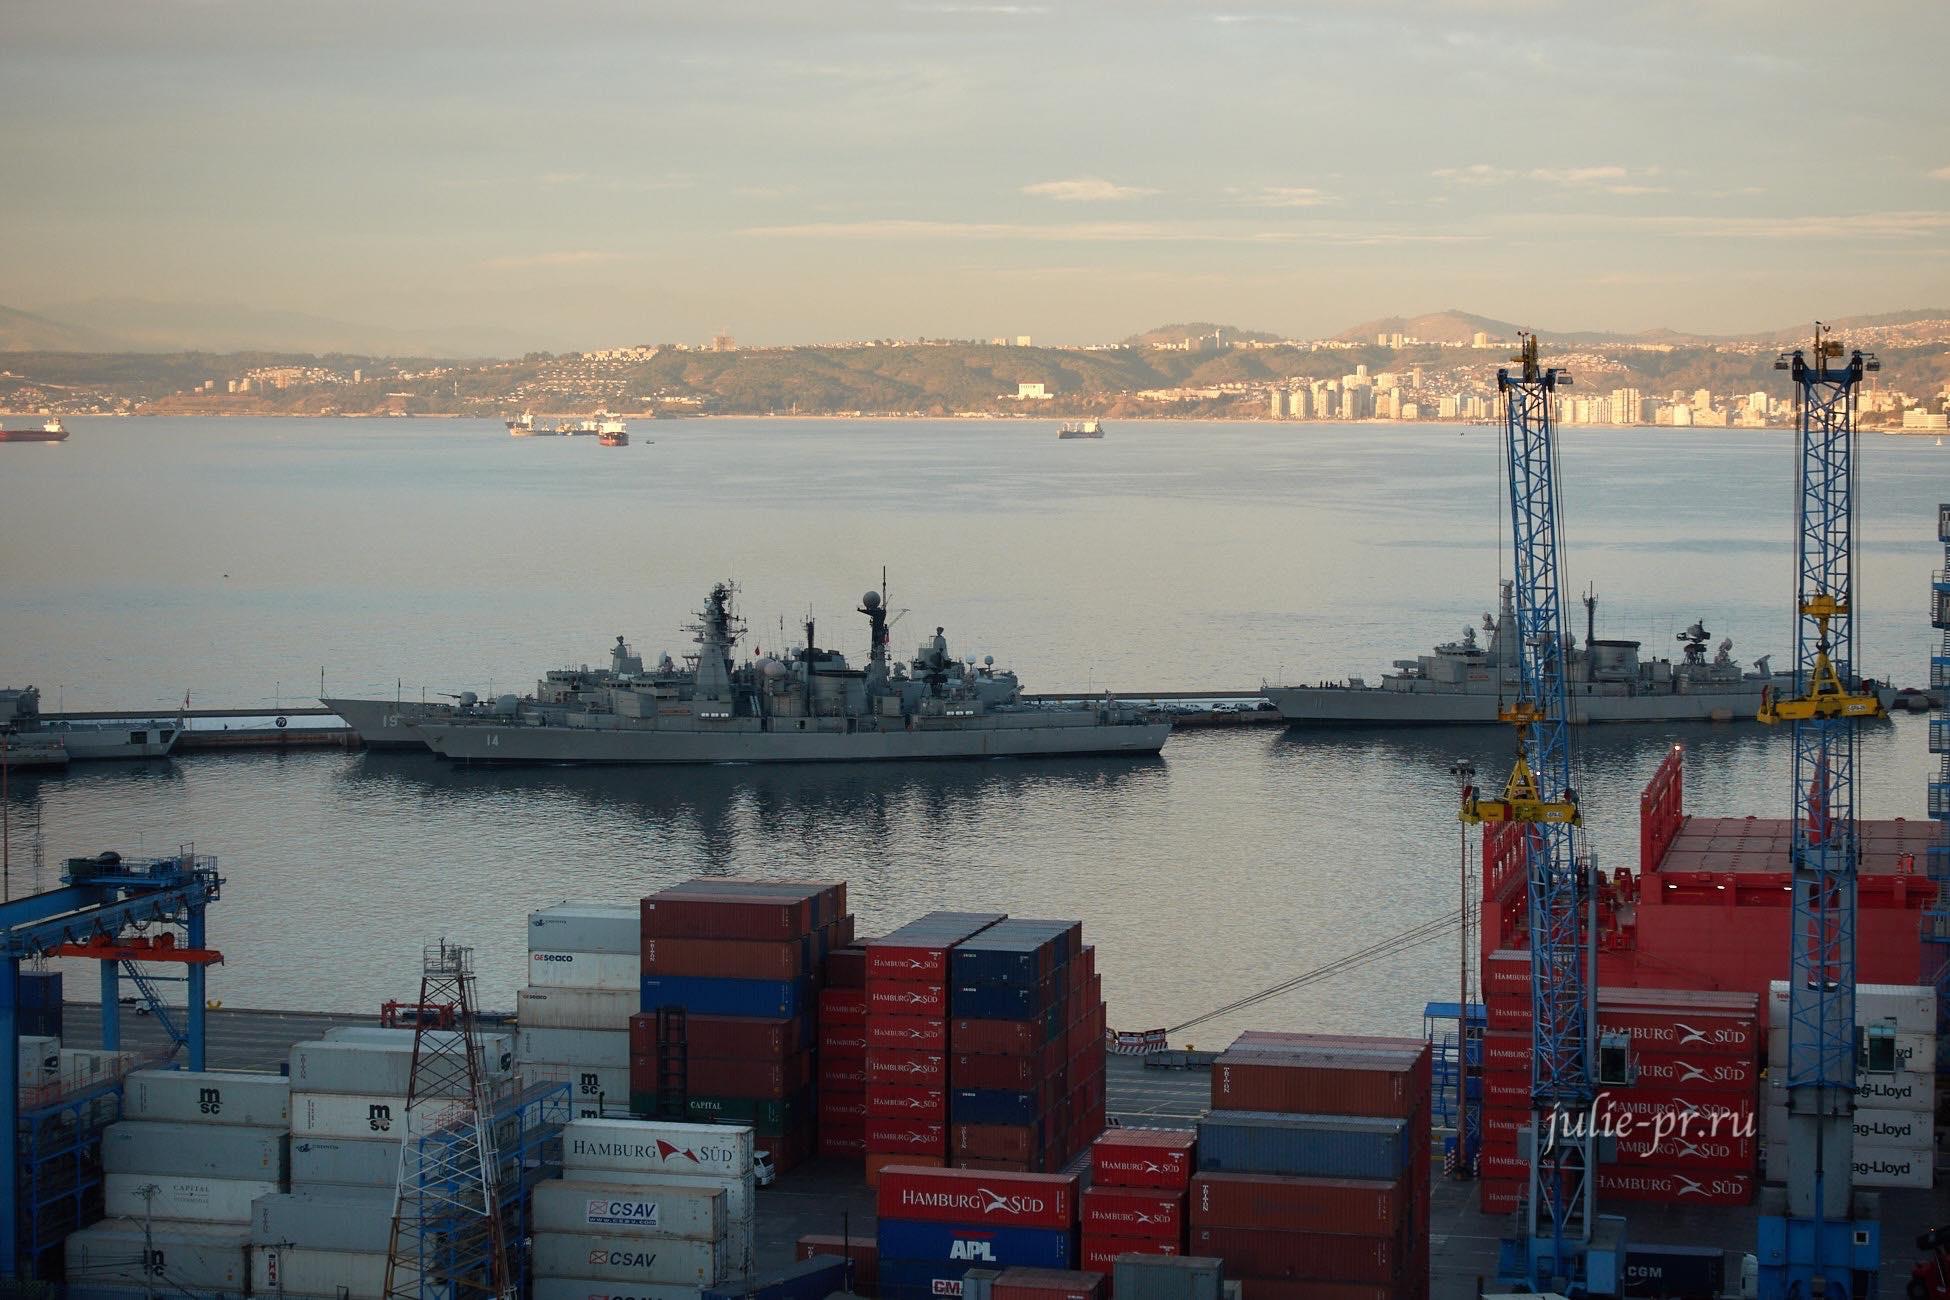 Чили, Вальпараисо, база ВМС Чили